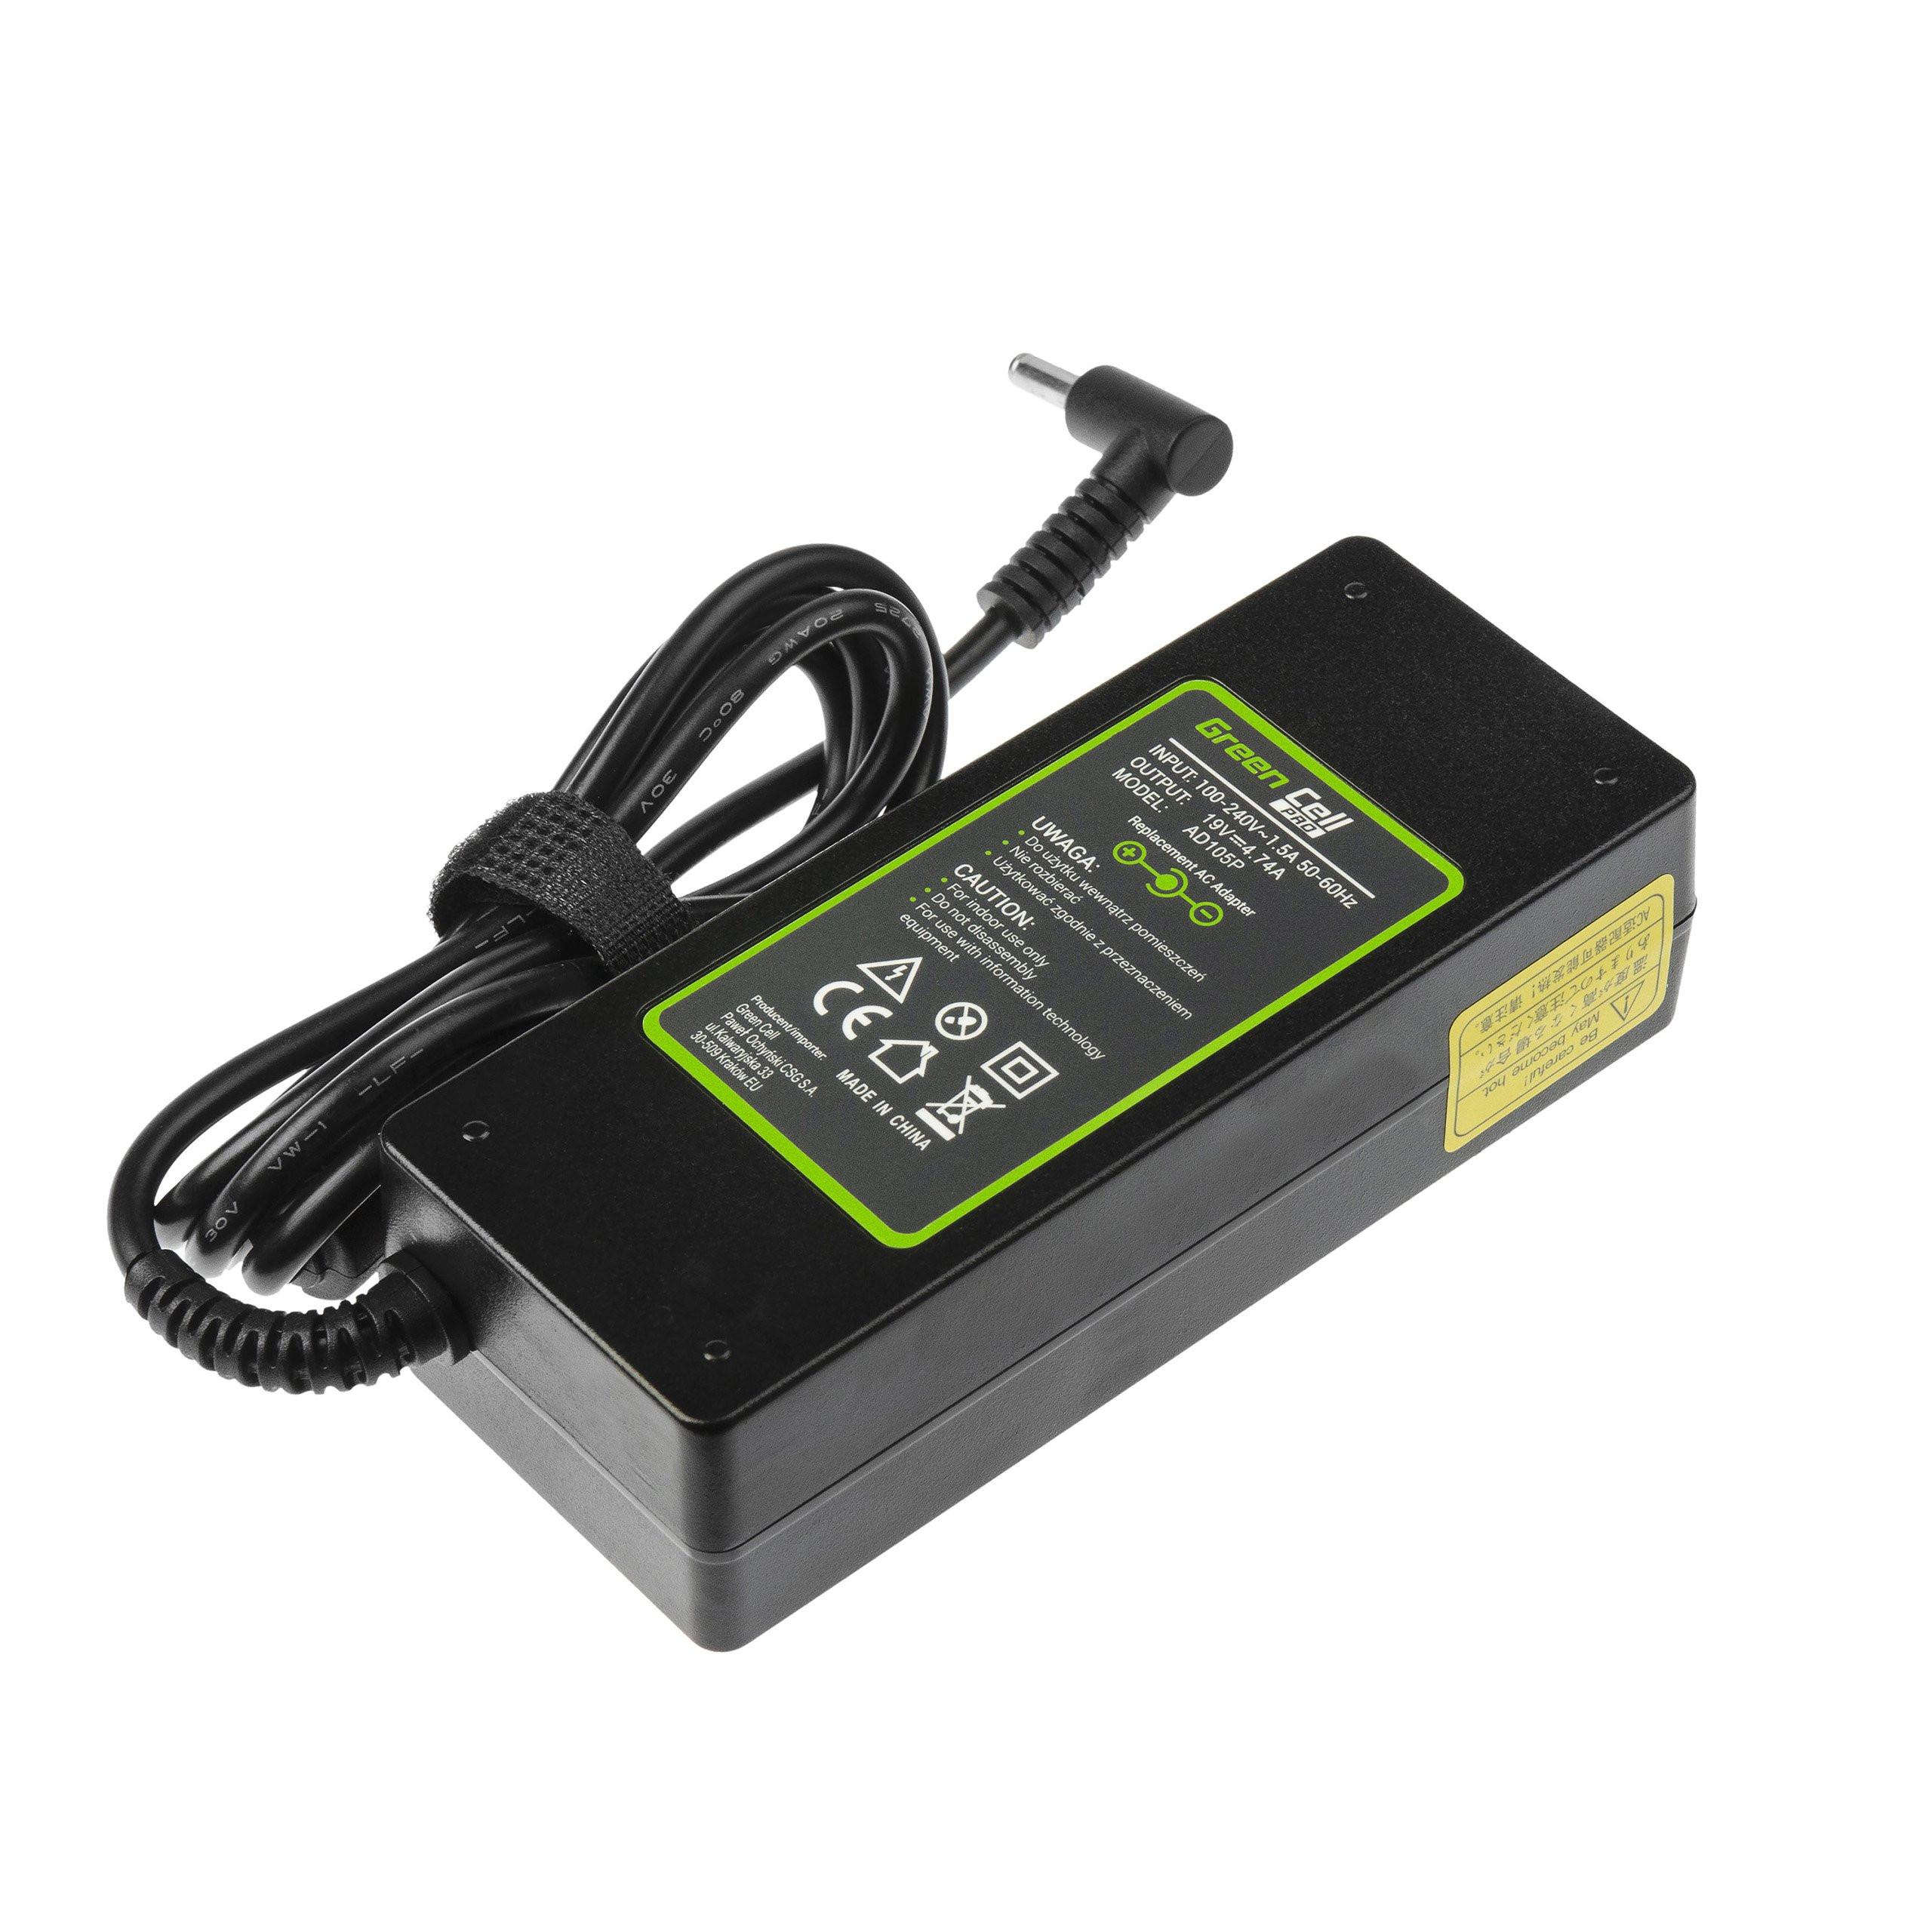 Zasilacz Ładowarka Green Cell PRO 19V 4.74A 90W do AsusPRO B8430U P2440U P2520L P2540U P4540U P5430U Asus Zenbook UX51VZ